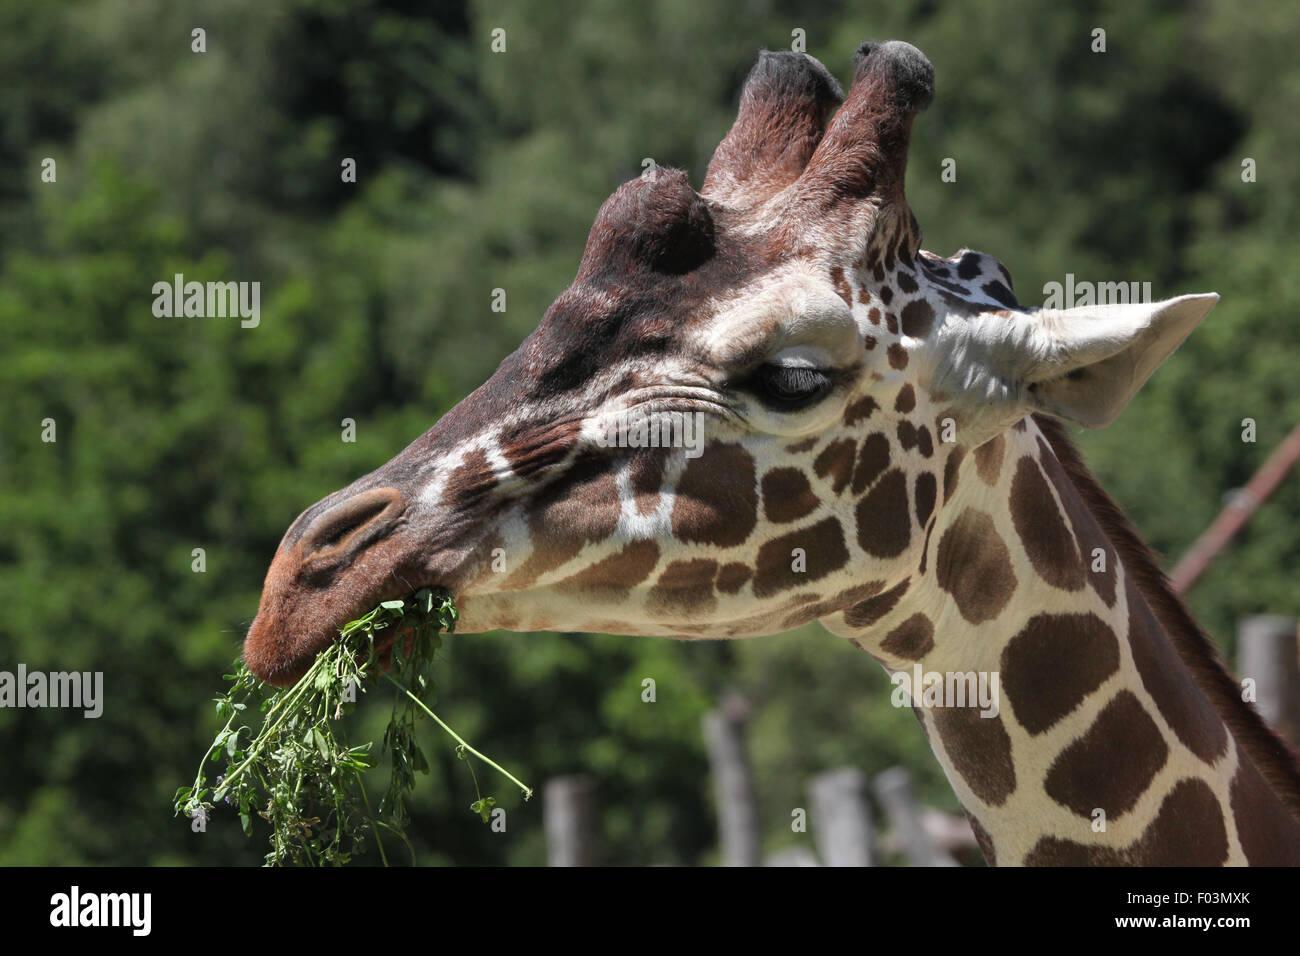 Reticulated giraffe (Giraffa camelopardalis reticulata), also known as the Somali giraffe at Jihlava Zoo in Jihlava, East Bohemi Stock Photo